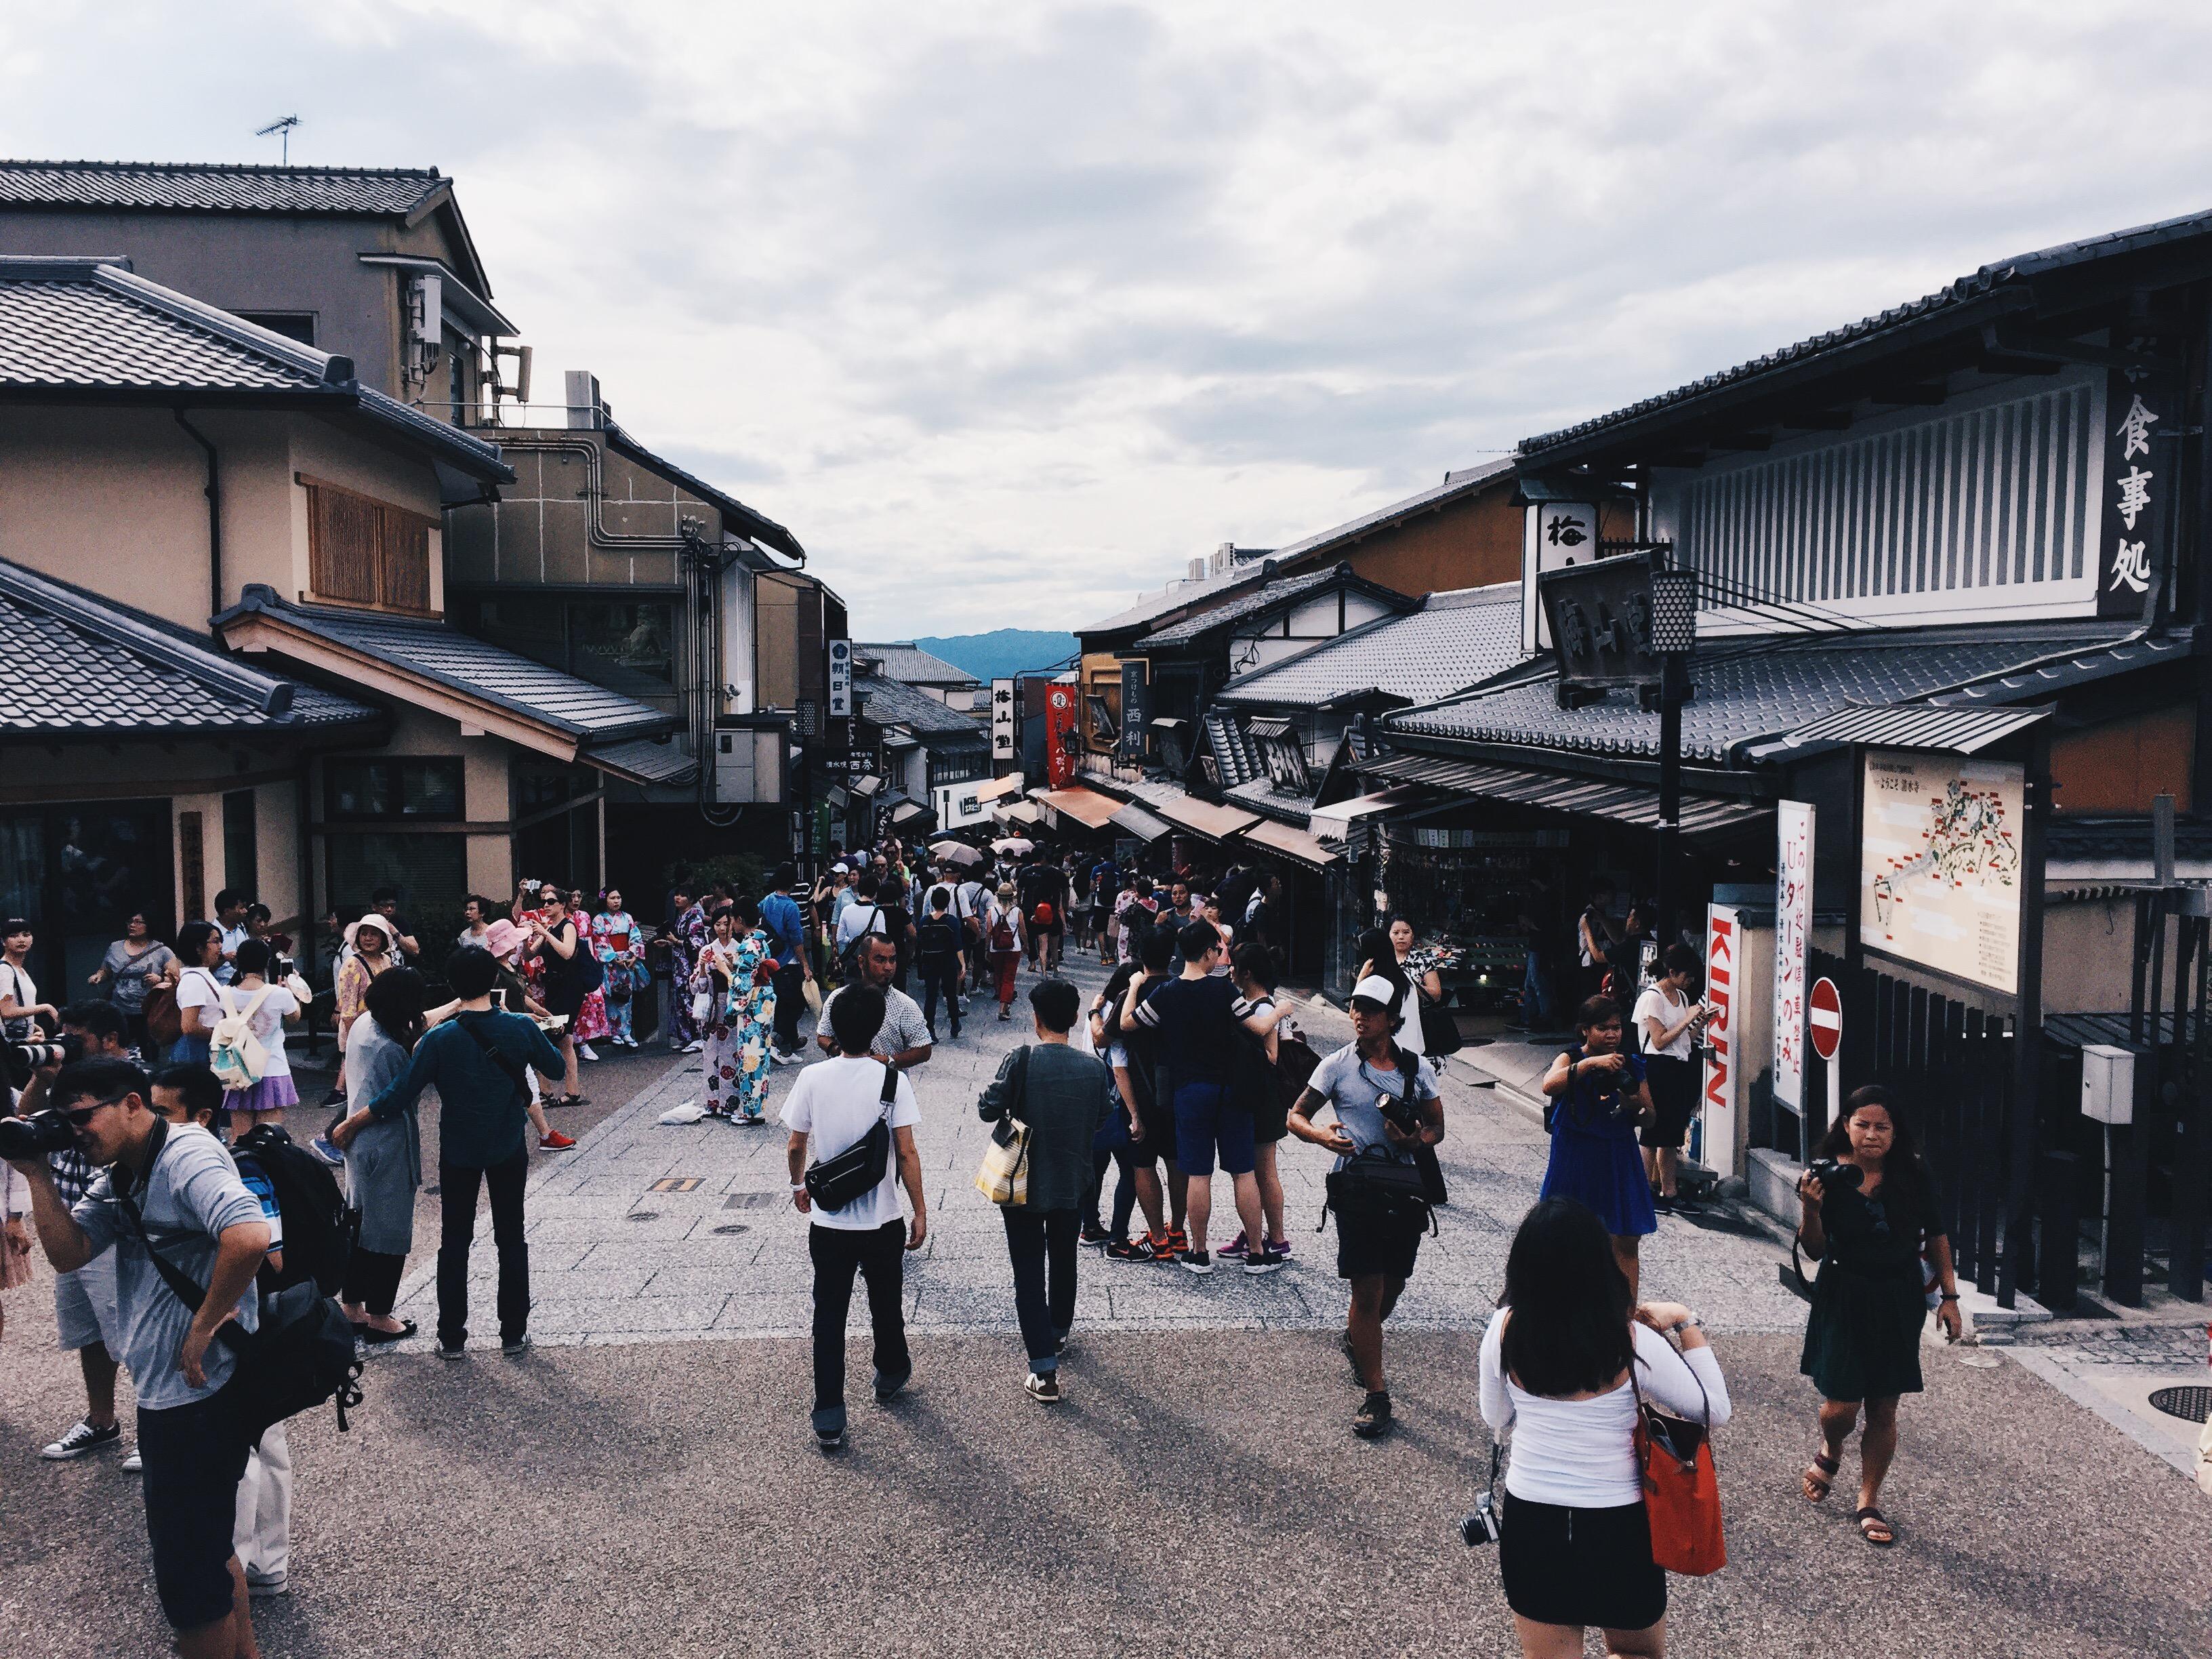 higashiyama ku